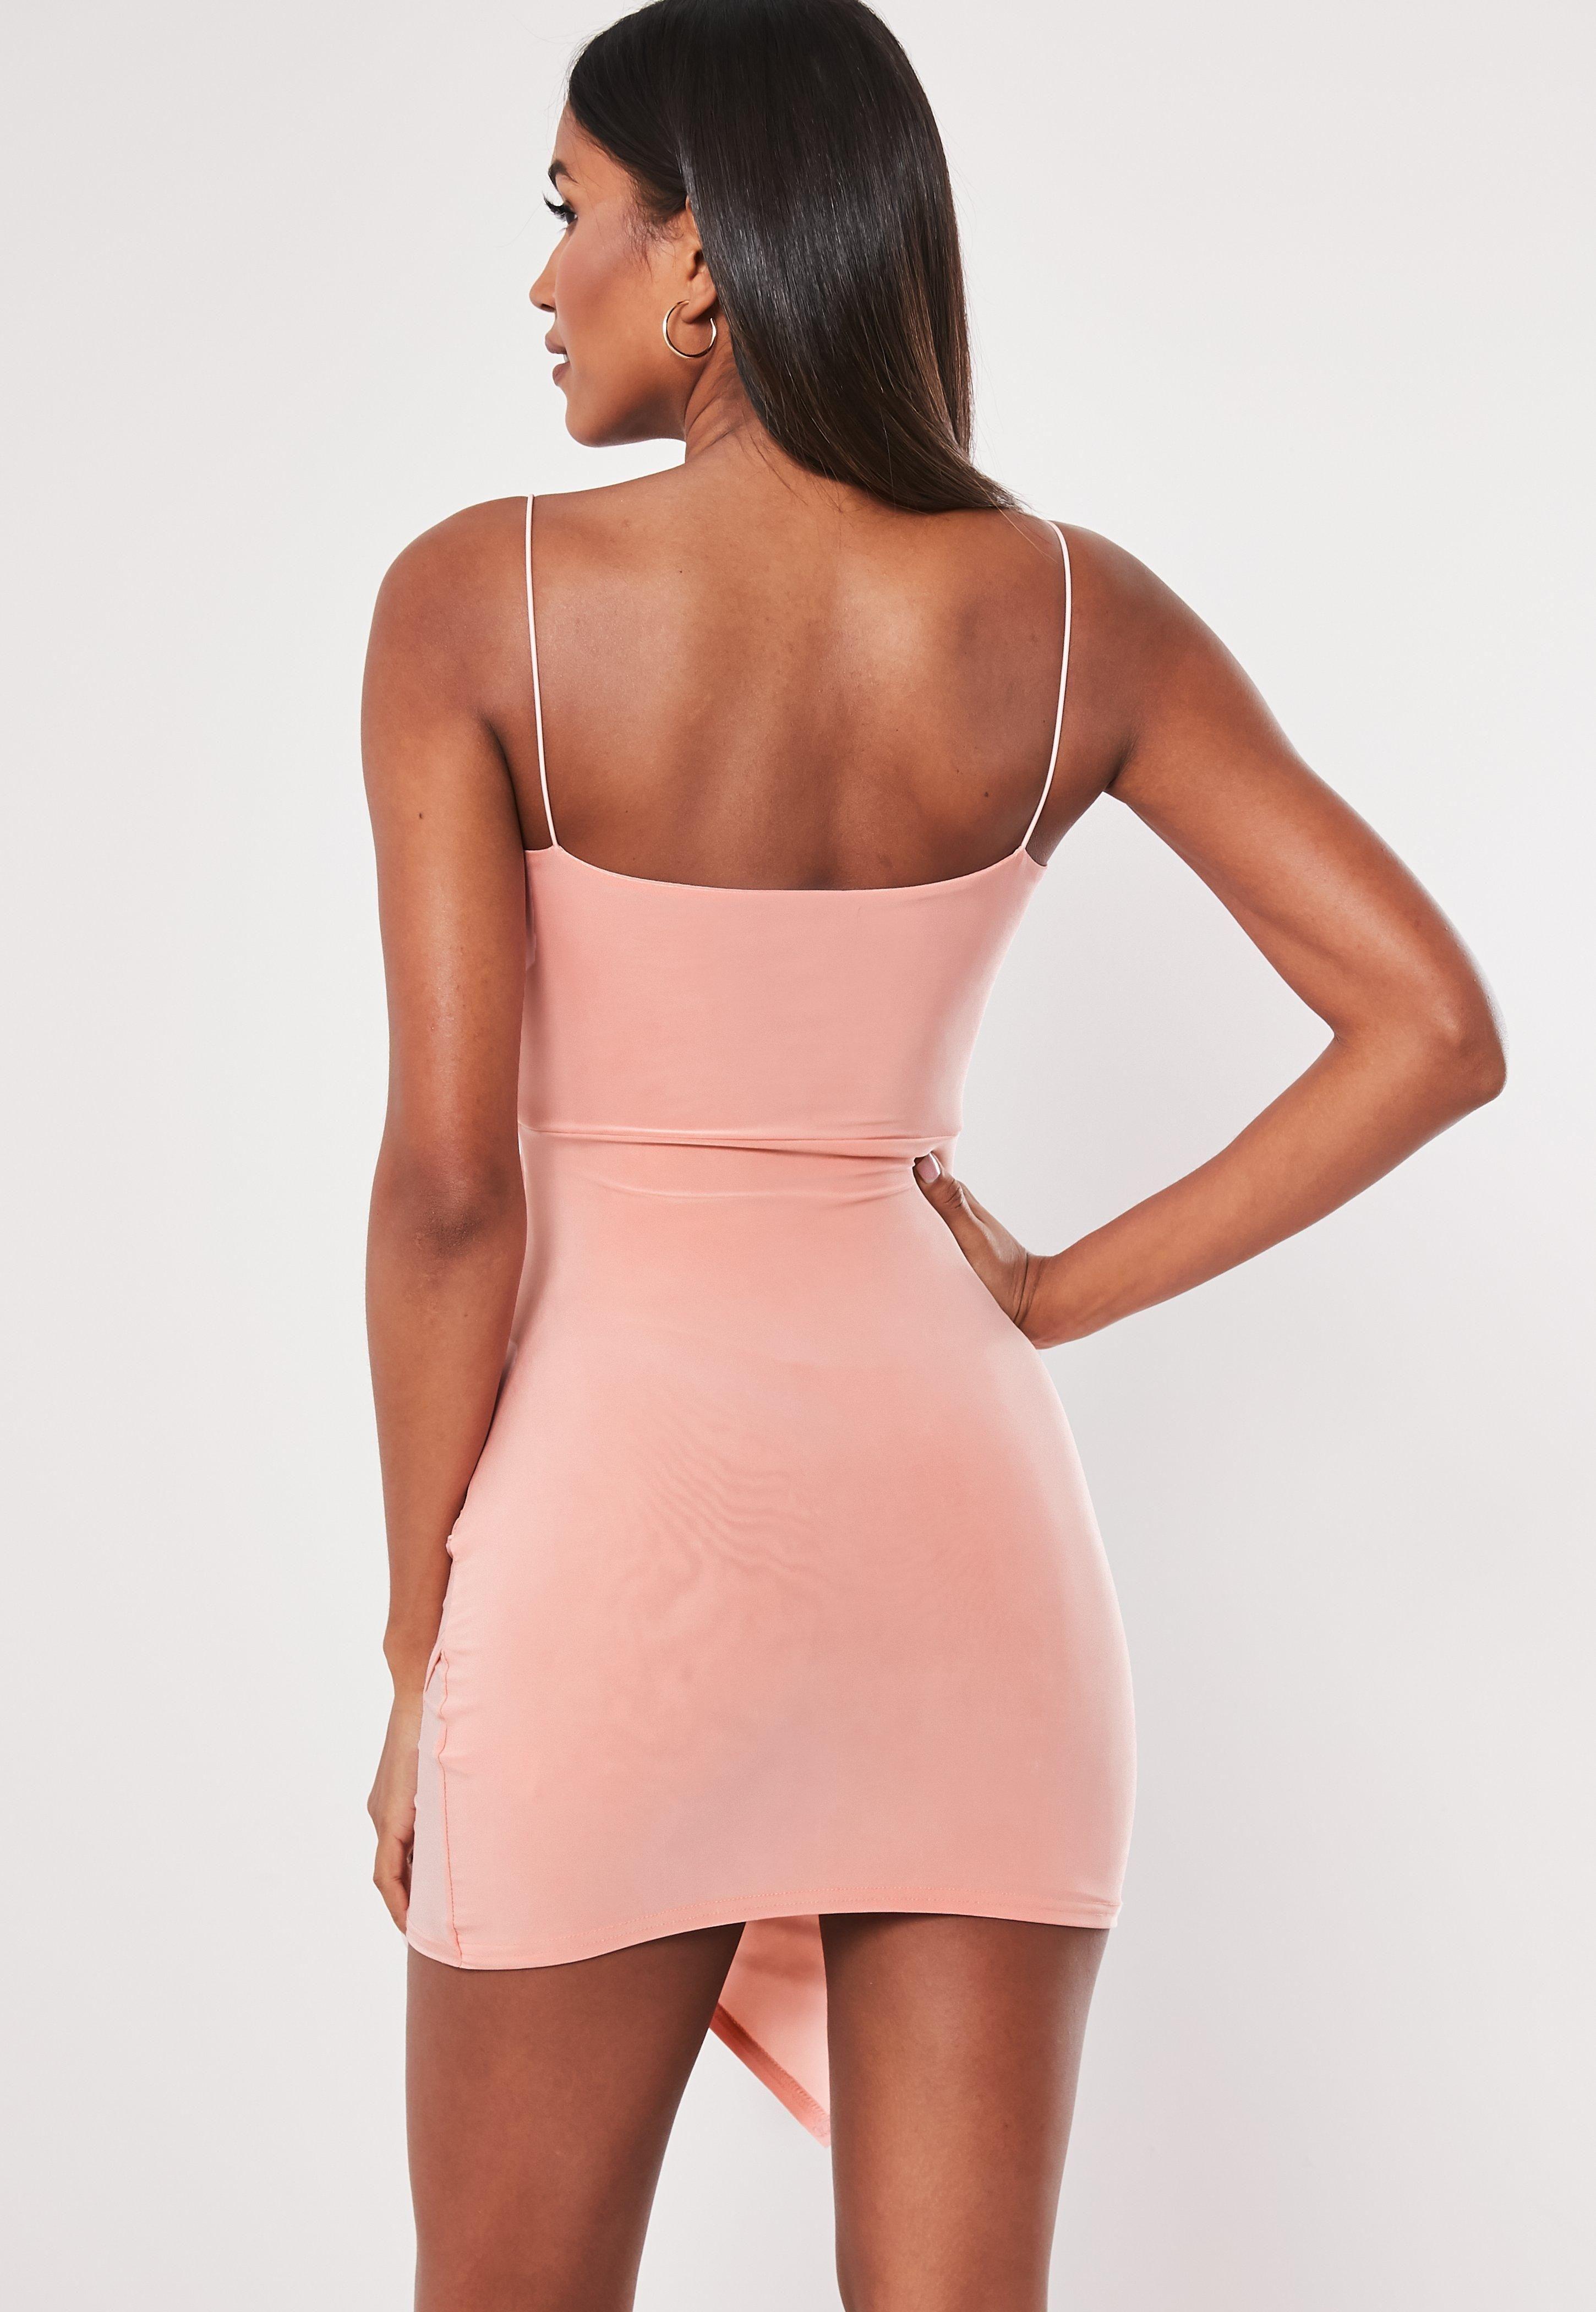 Blush Strappy Slinky Wrap Bodycon Mini Dress Sponsored Slinky Sponsored Strappy Blush Trending Dresses Mini Dress How To Look Skinnier [ 4200 x 2900 Pixel ]